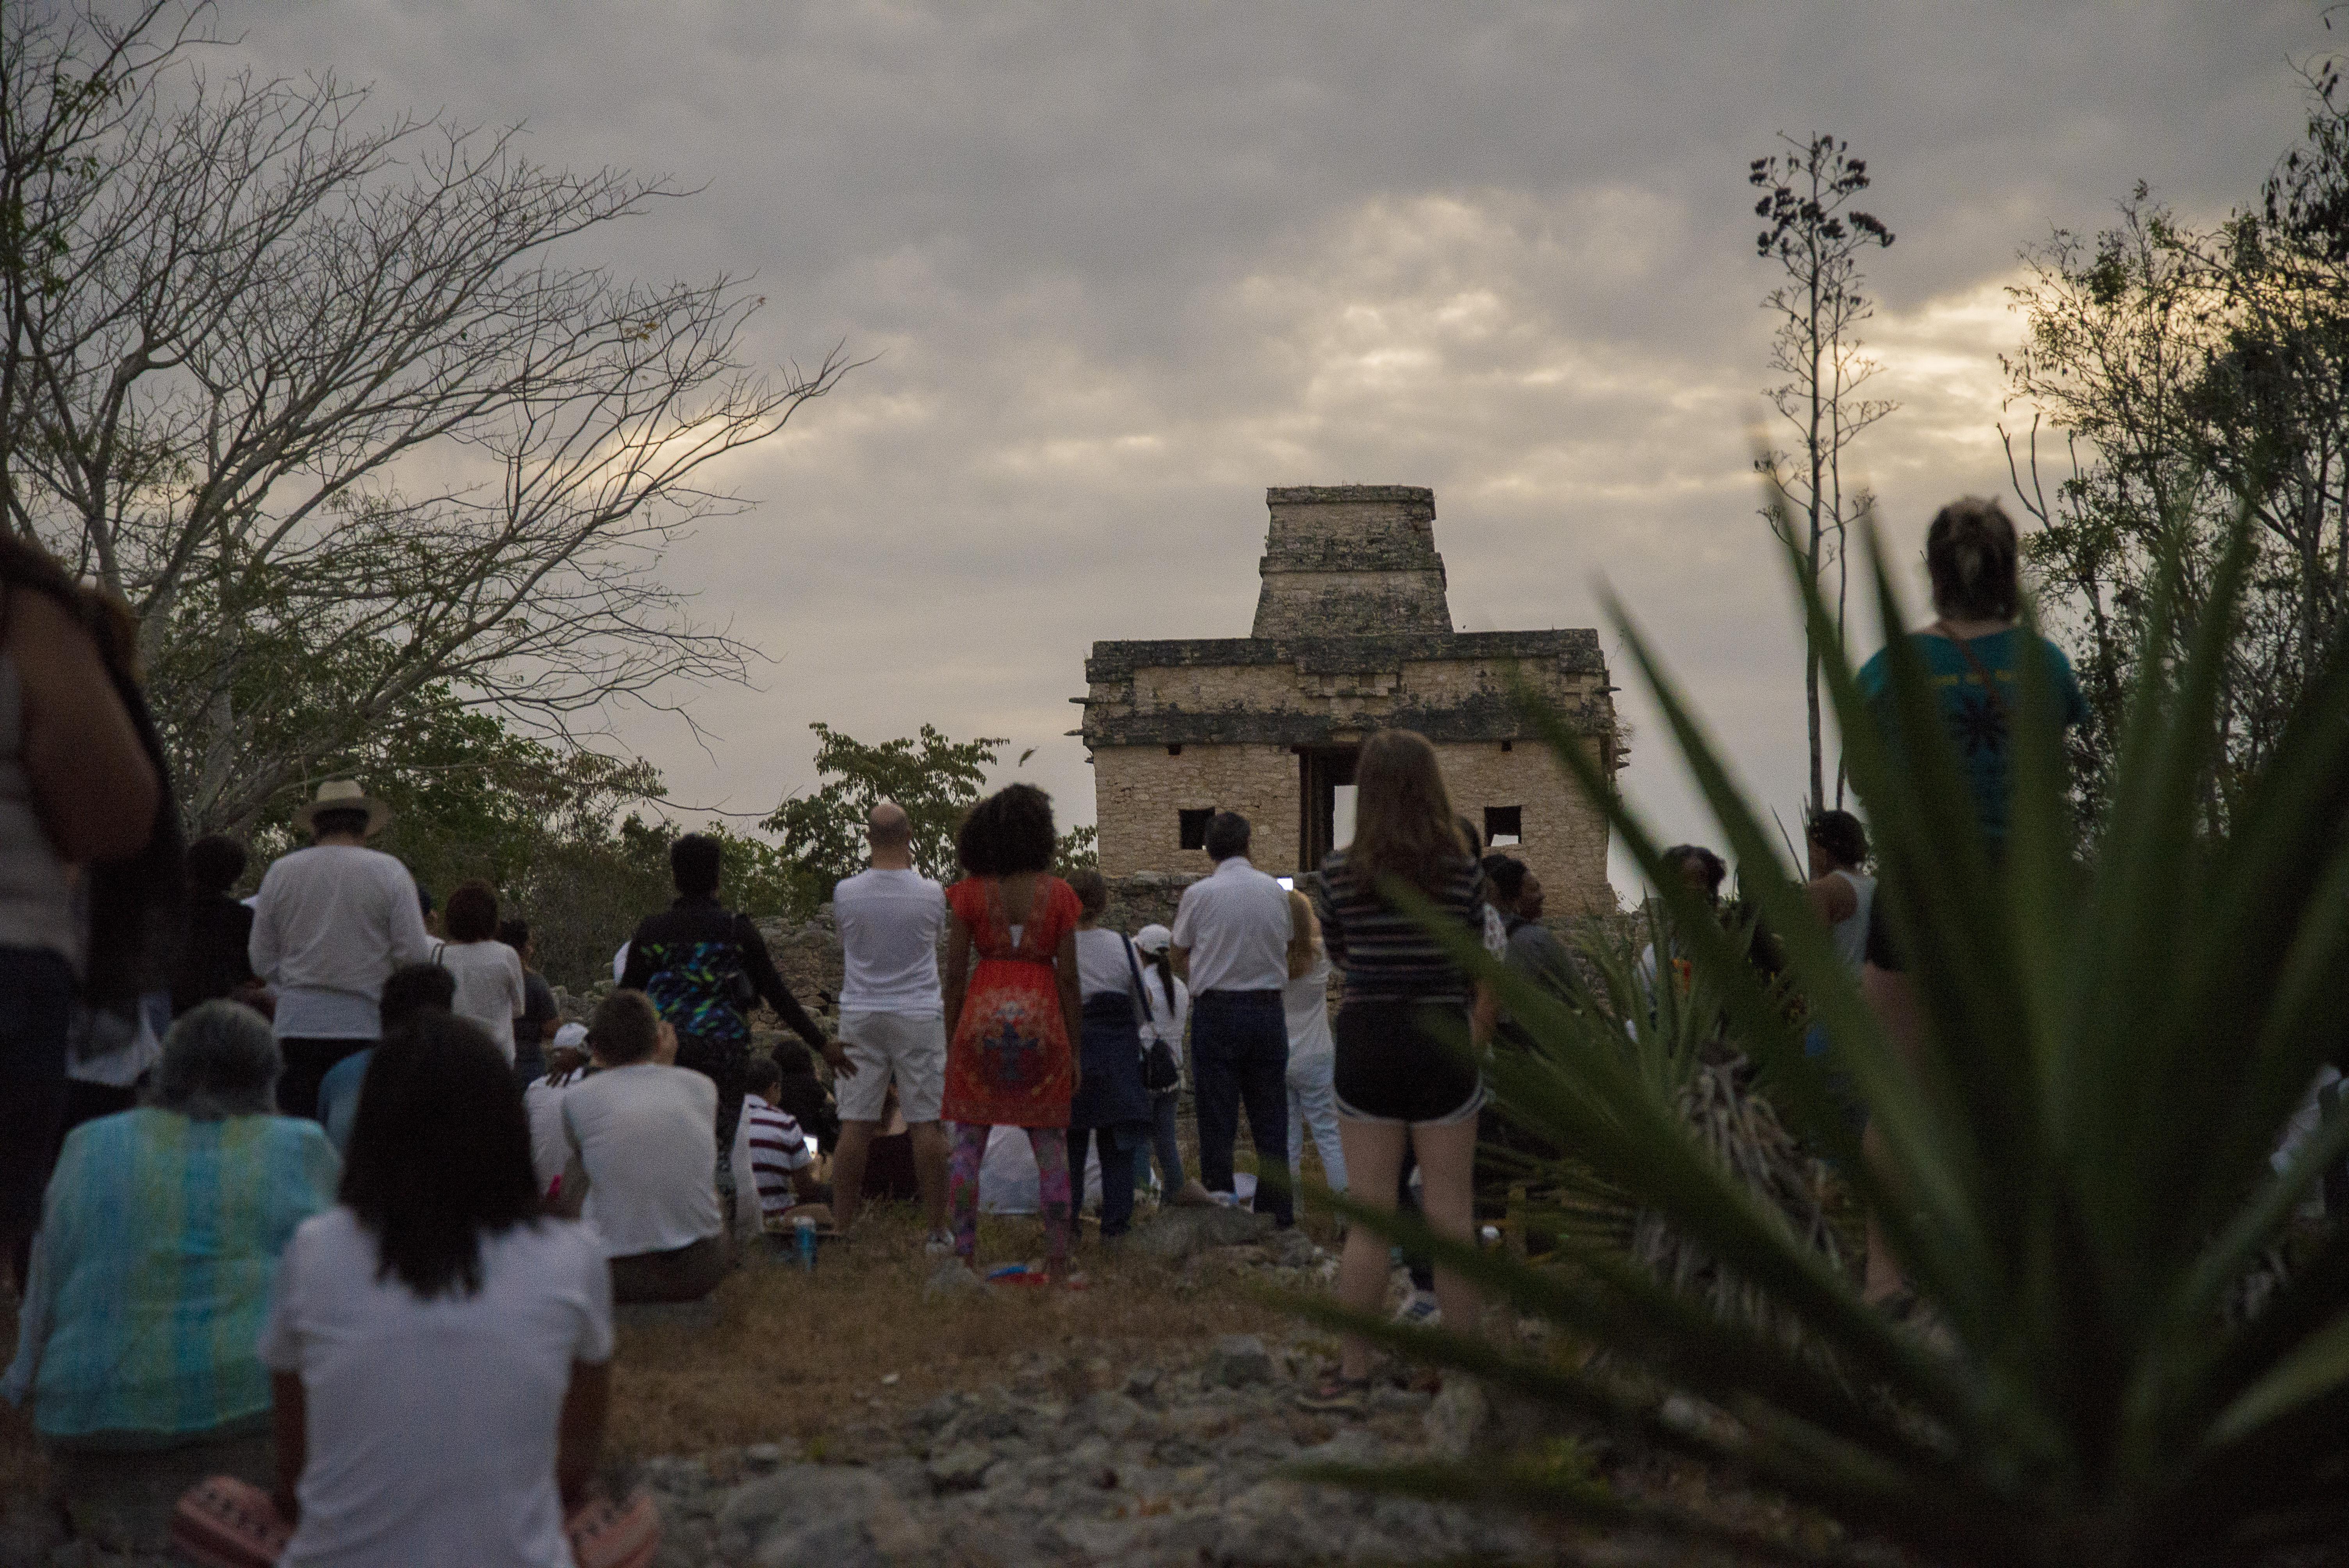 Nublado frustra fenómeno solar en zona arqueológica Dzibilchaltún